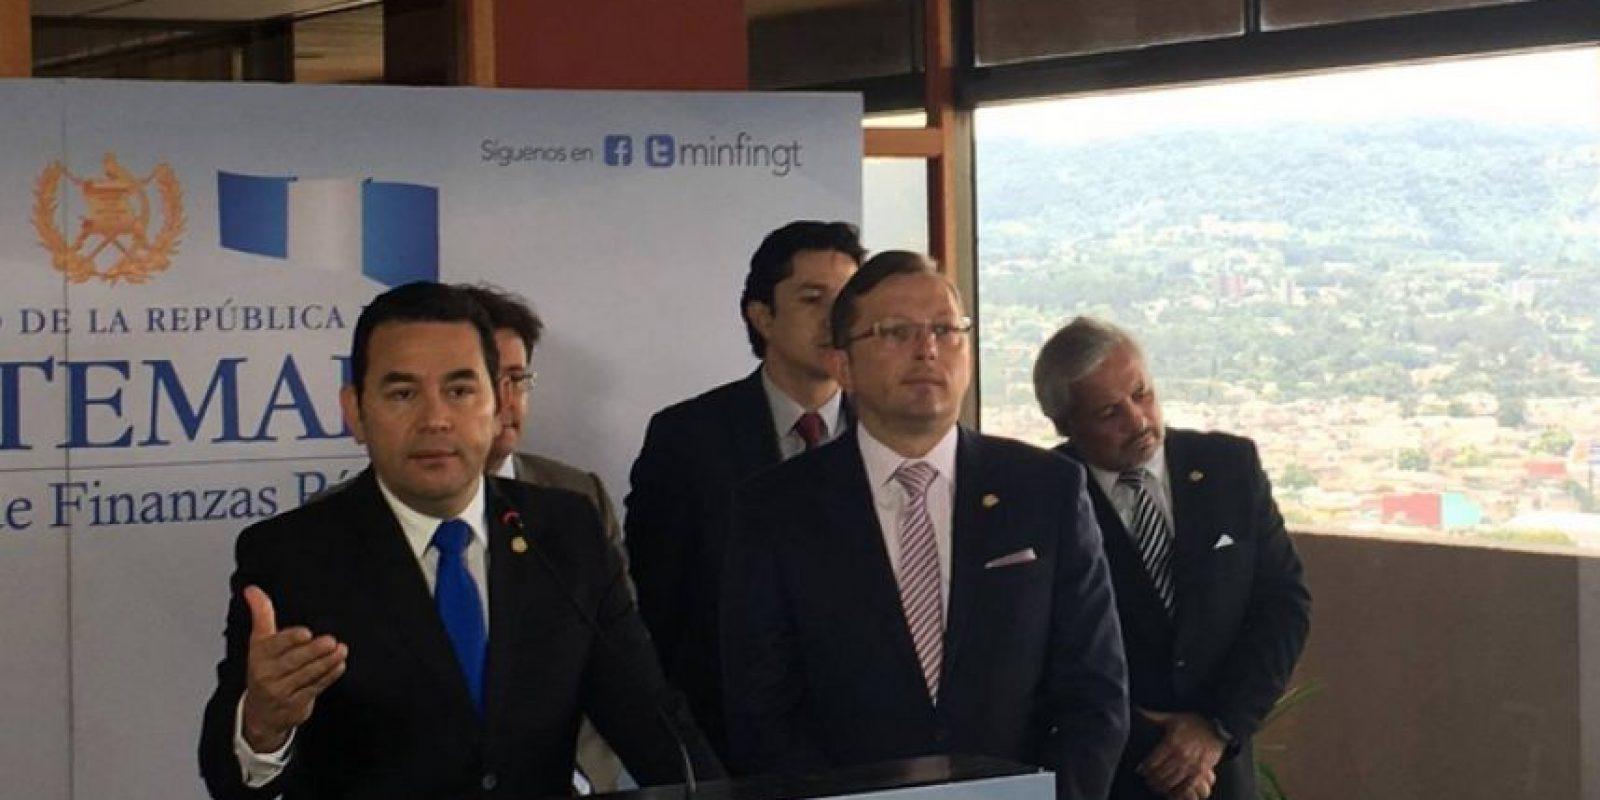 El presidente, Jimmy Morales, se reúne en privado con el ministro de Finanzas. Foto:Amilcar Avila